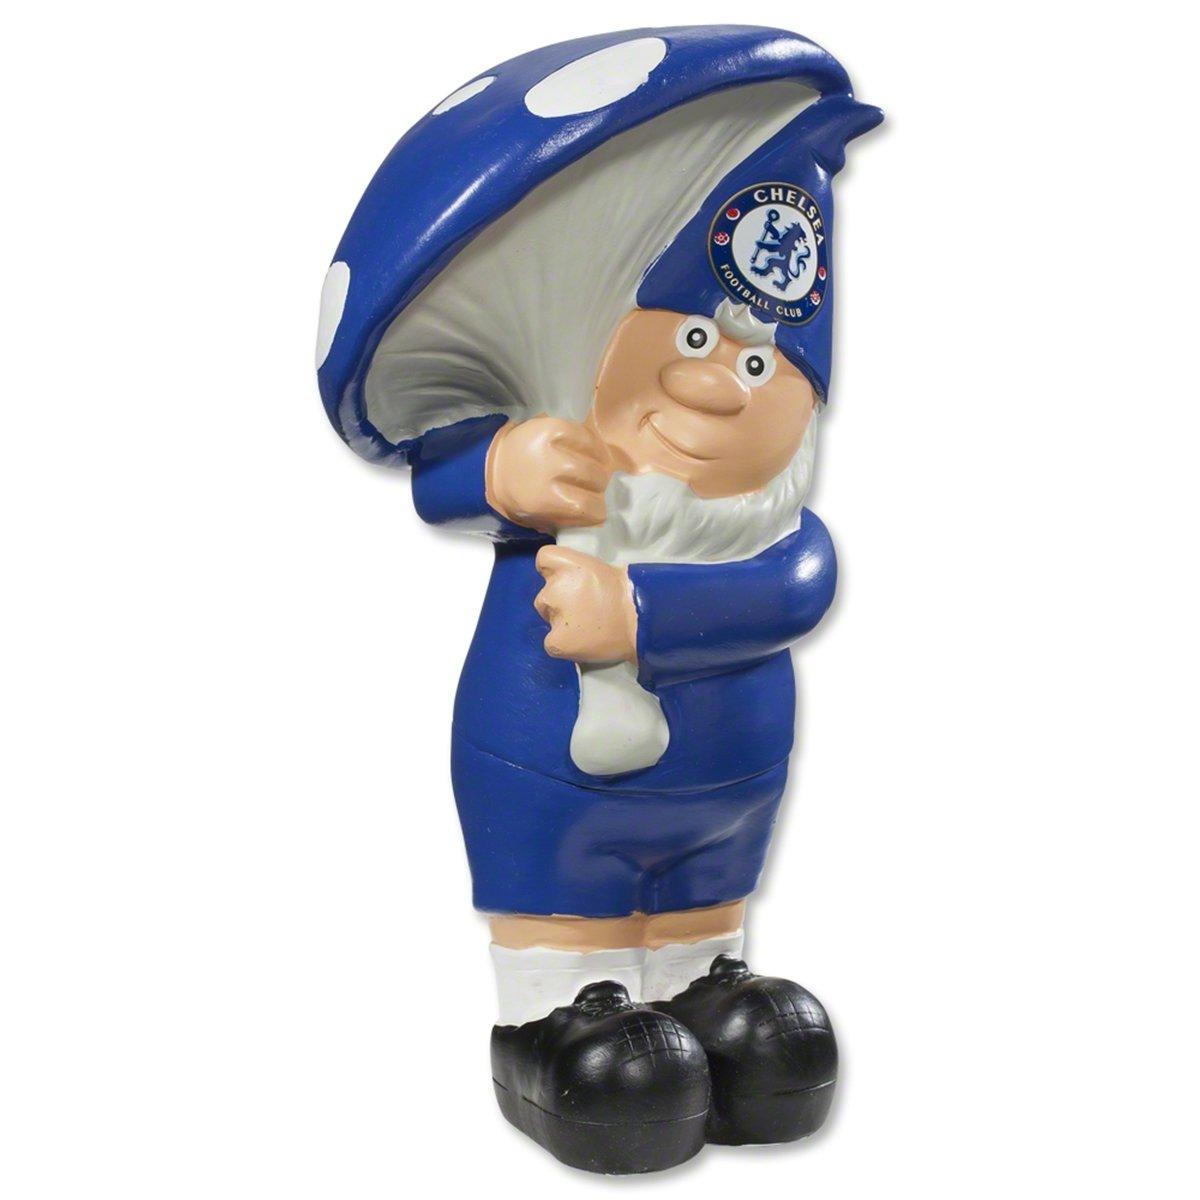 Chelsea FC Mushroom Garden Gnome